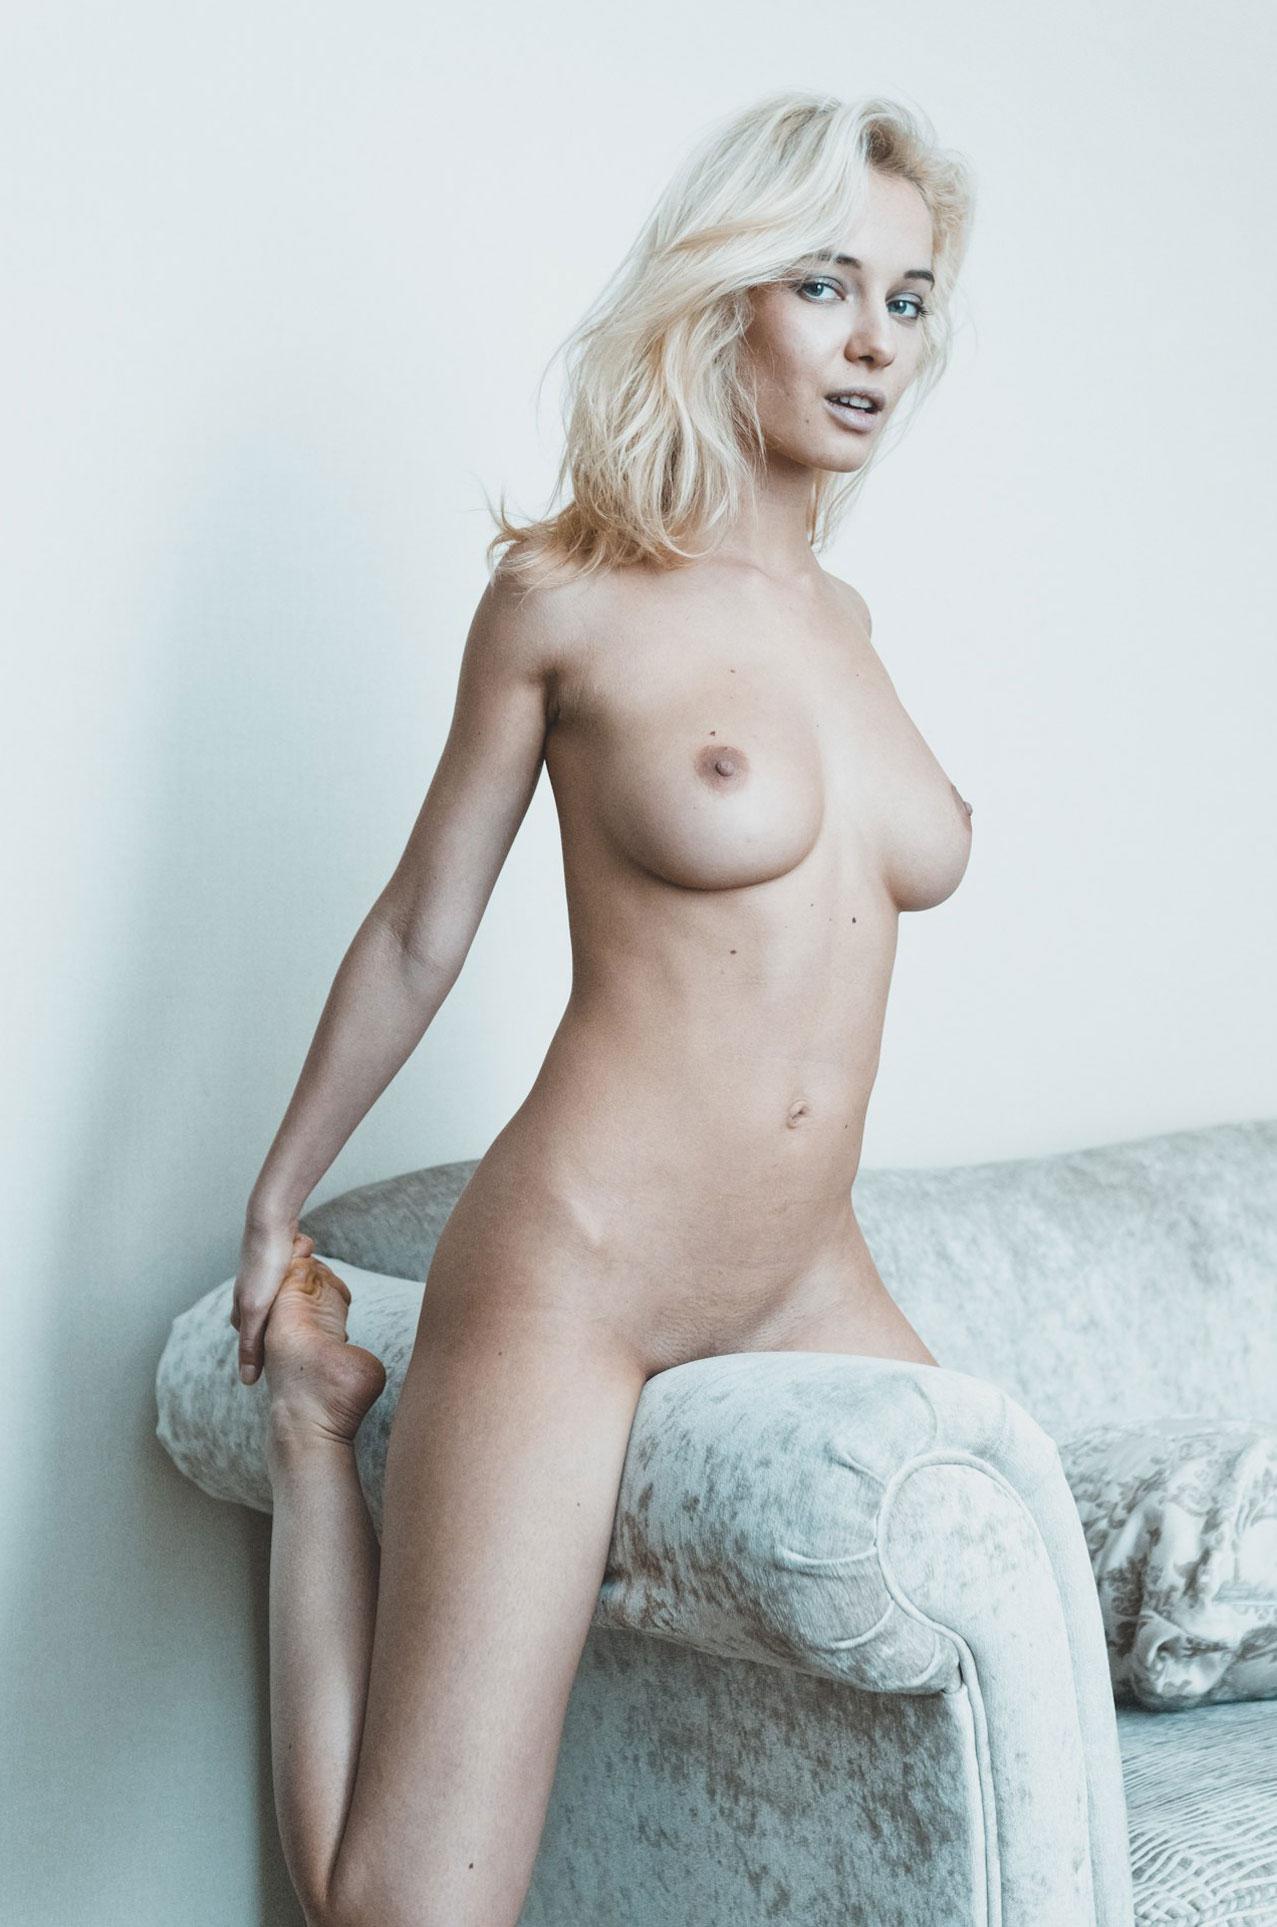 подборка фотографий сексуальных голых девушек - Наталья Андреева (Немчинова) / Natalya Andreeva